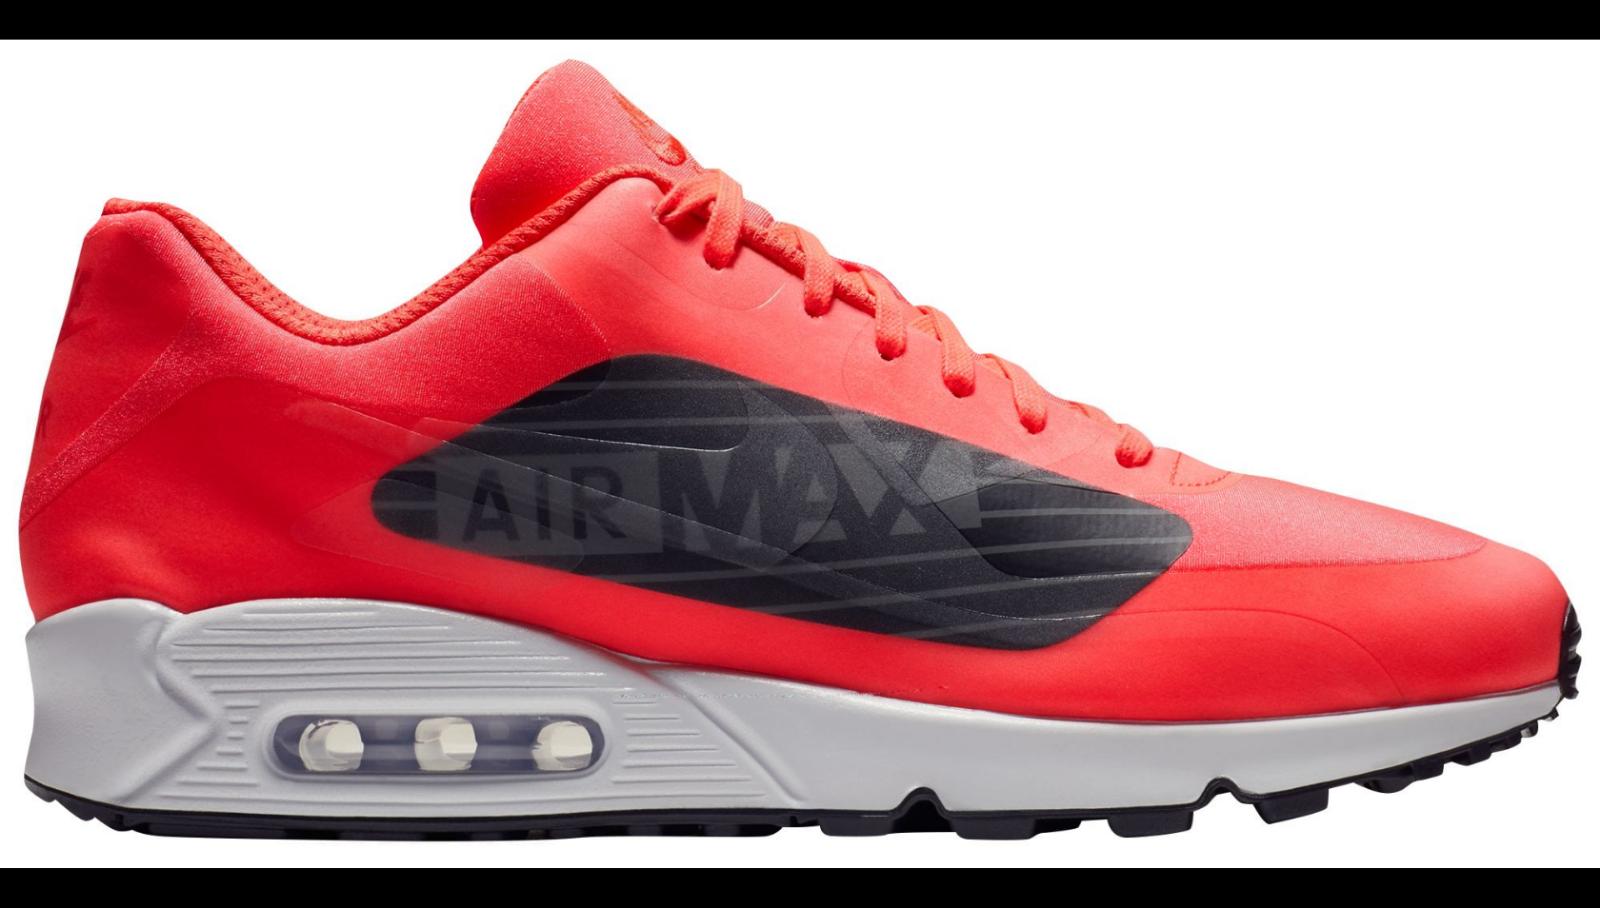 Nuevo en caja Nike para hombre 11.5 11.5 11.5 Air Max 90 NS GPX AJ7182 600 carmesí Zapatillas 150 Nuevo 65ae31